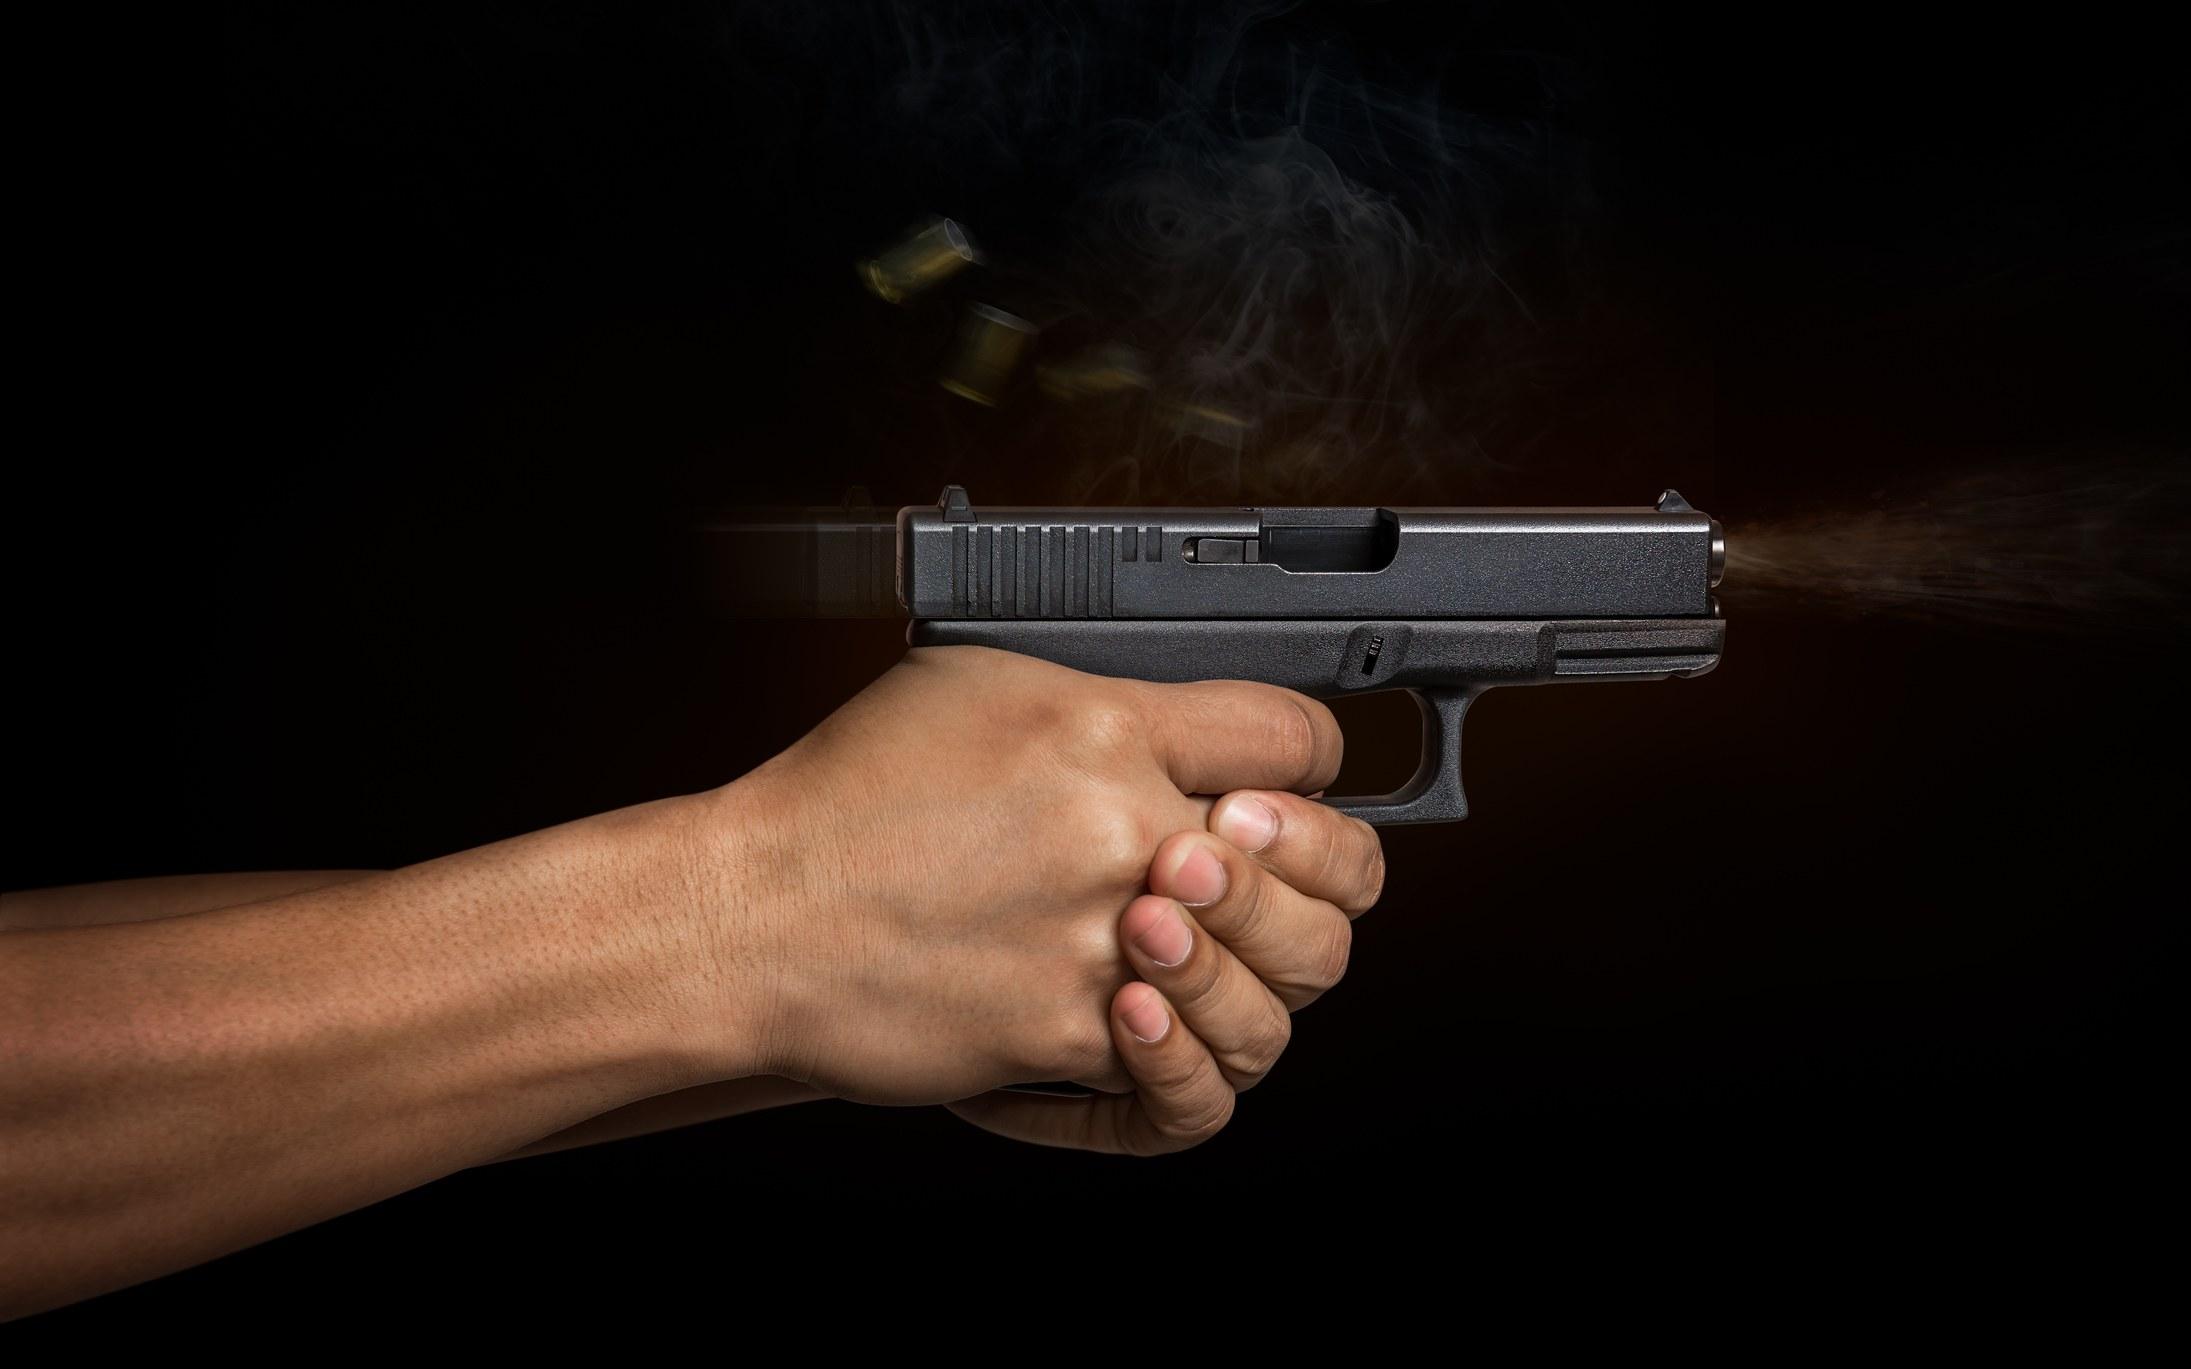 A hand firing a weapon.